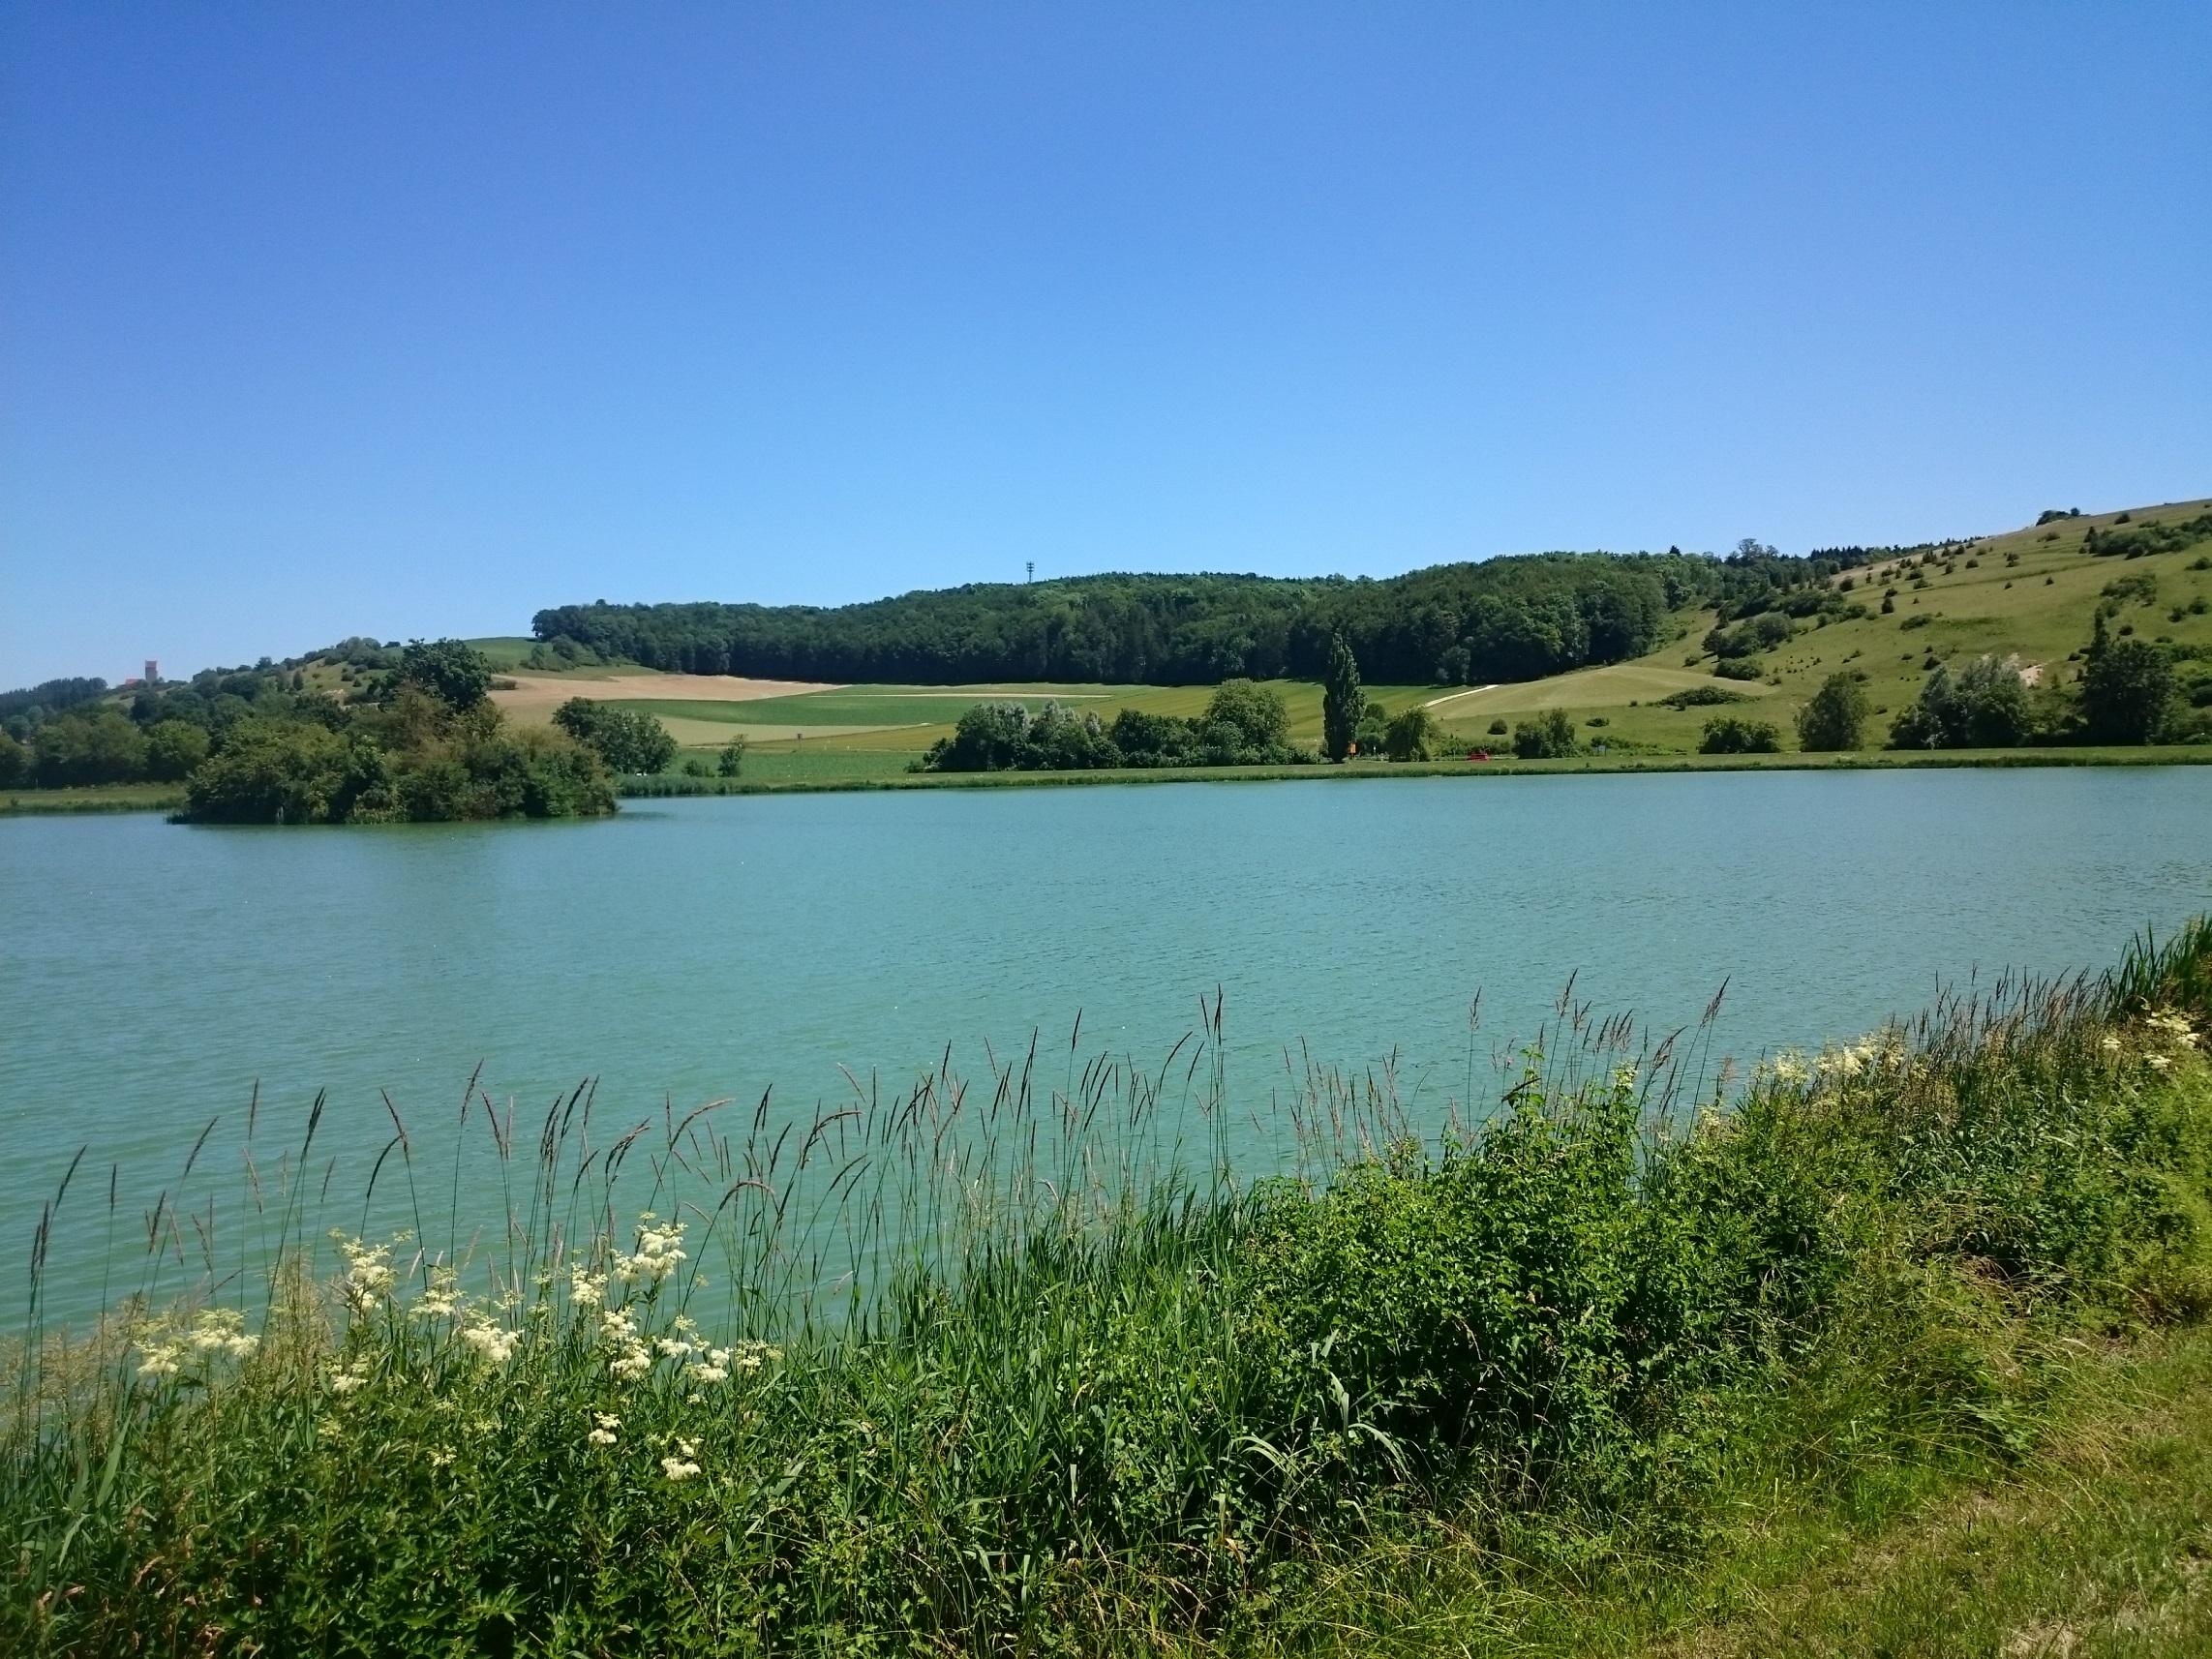 Der namensgebende Härtsfeldsee direkt neben dem Festivalgelände (von der Größe her eher ein Tümpel)...